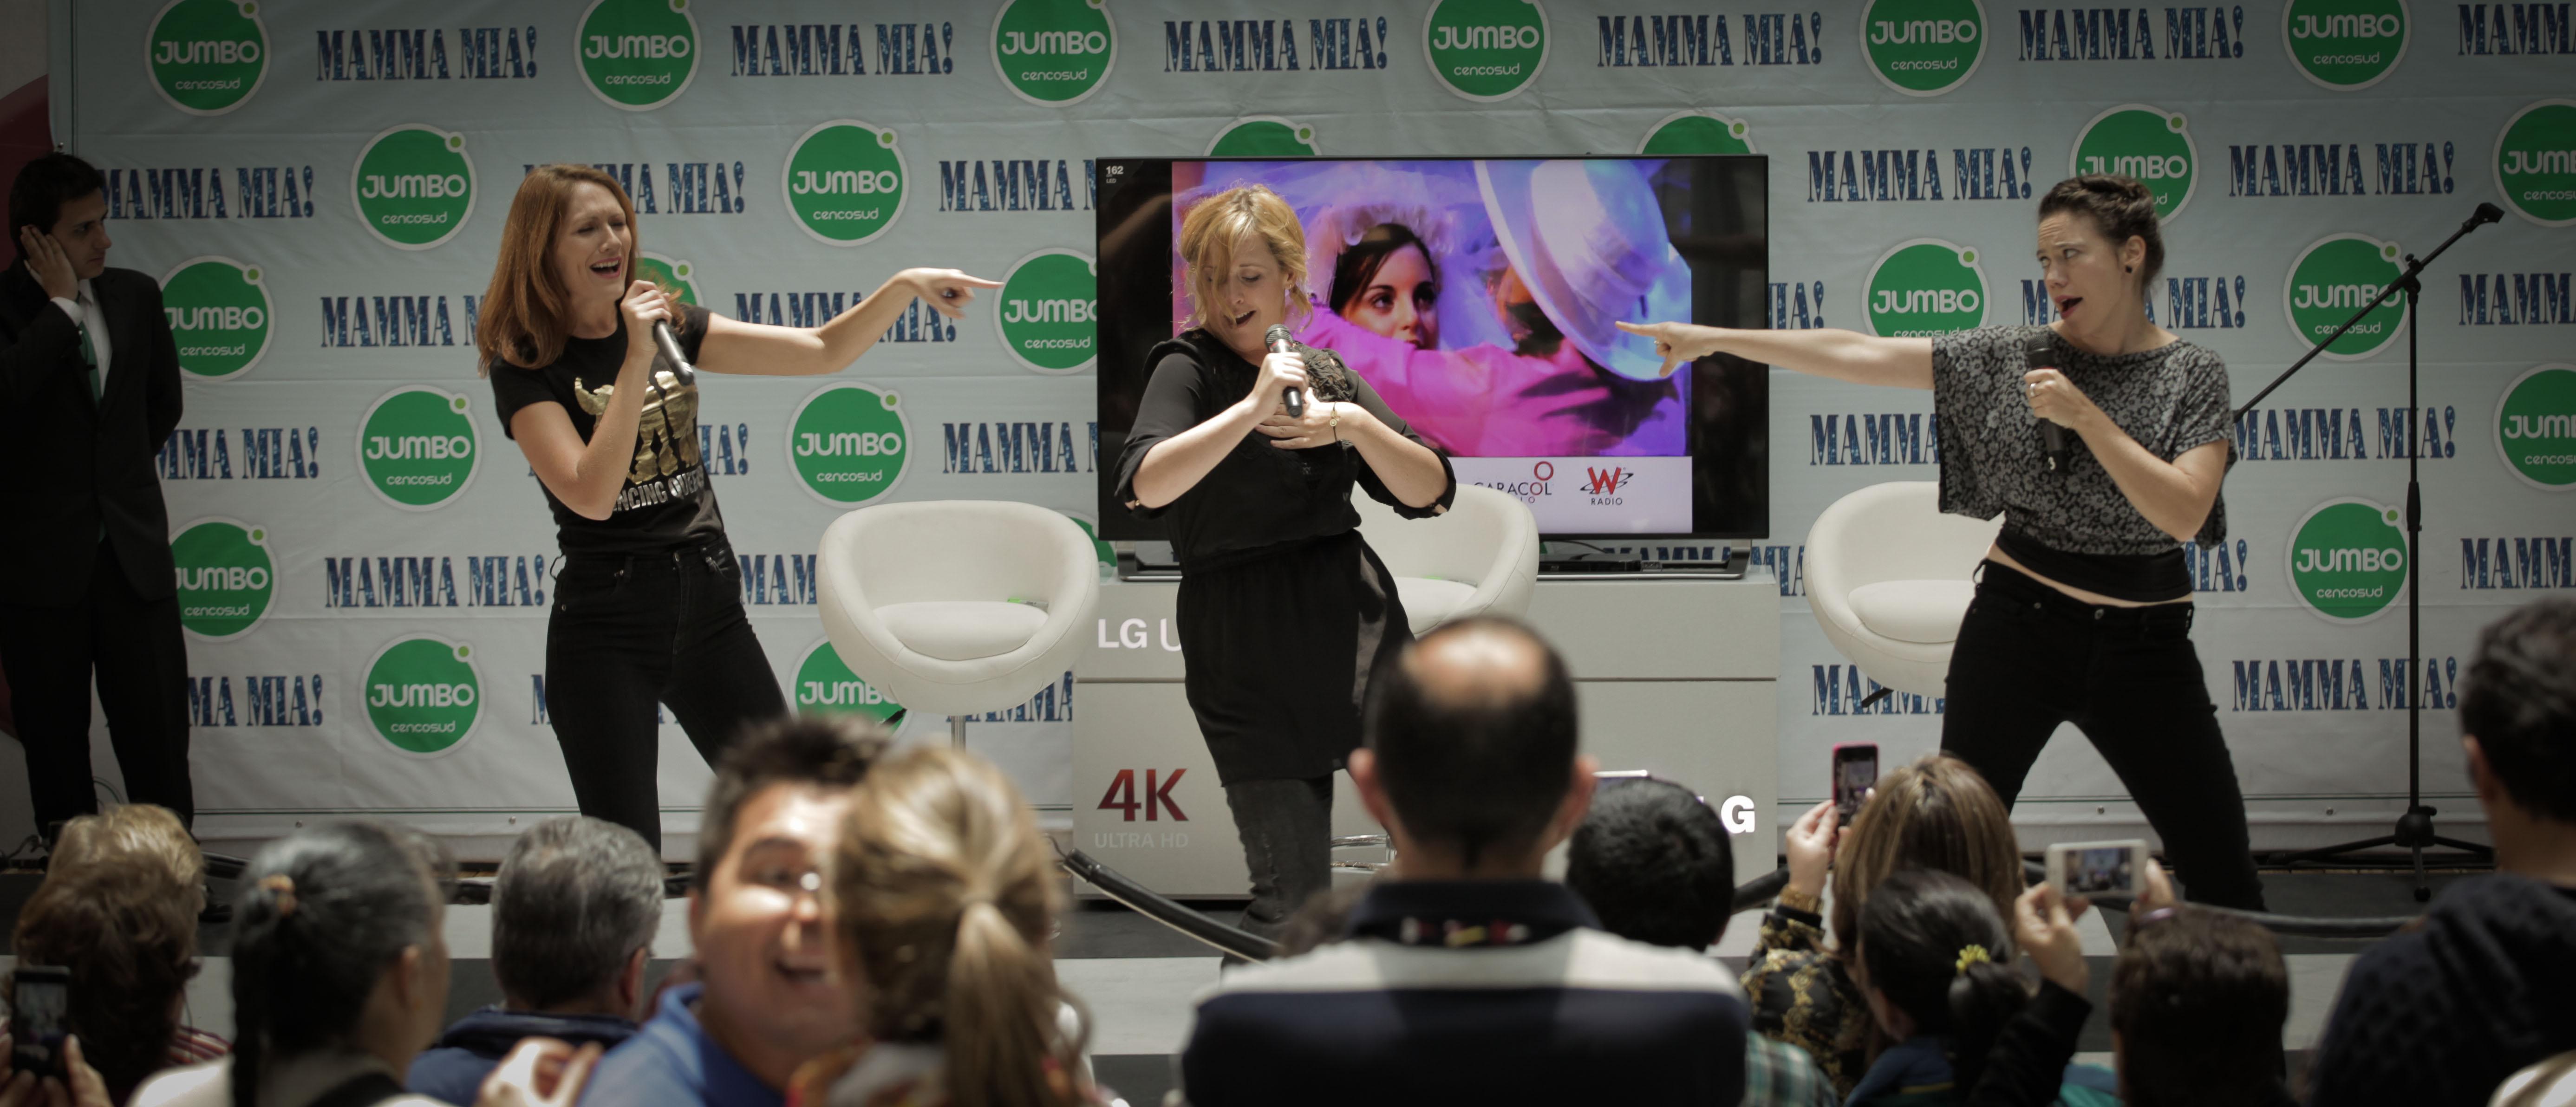 Promo for Mamma Mia, Bogota